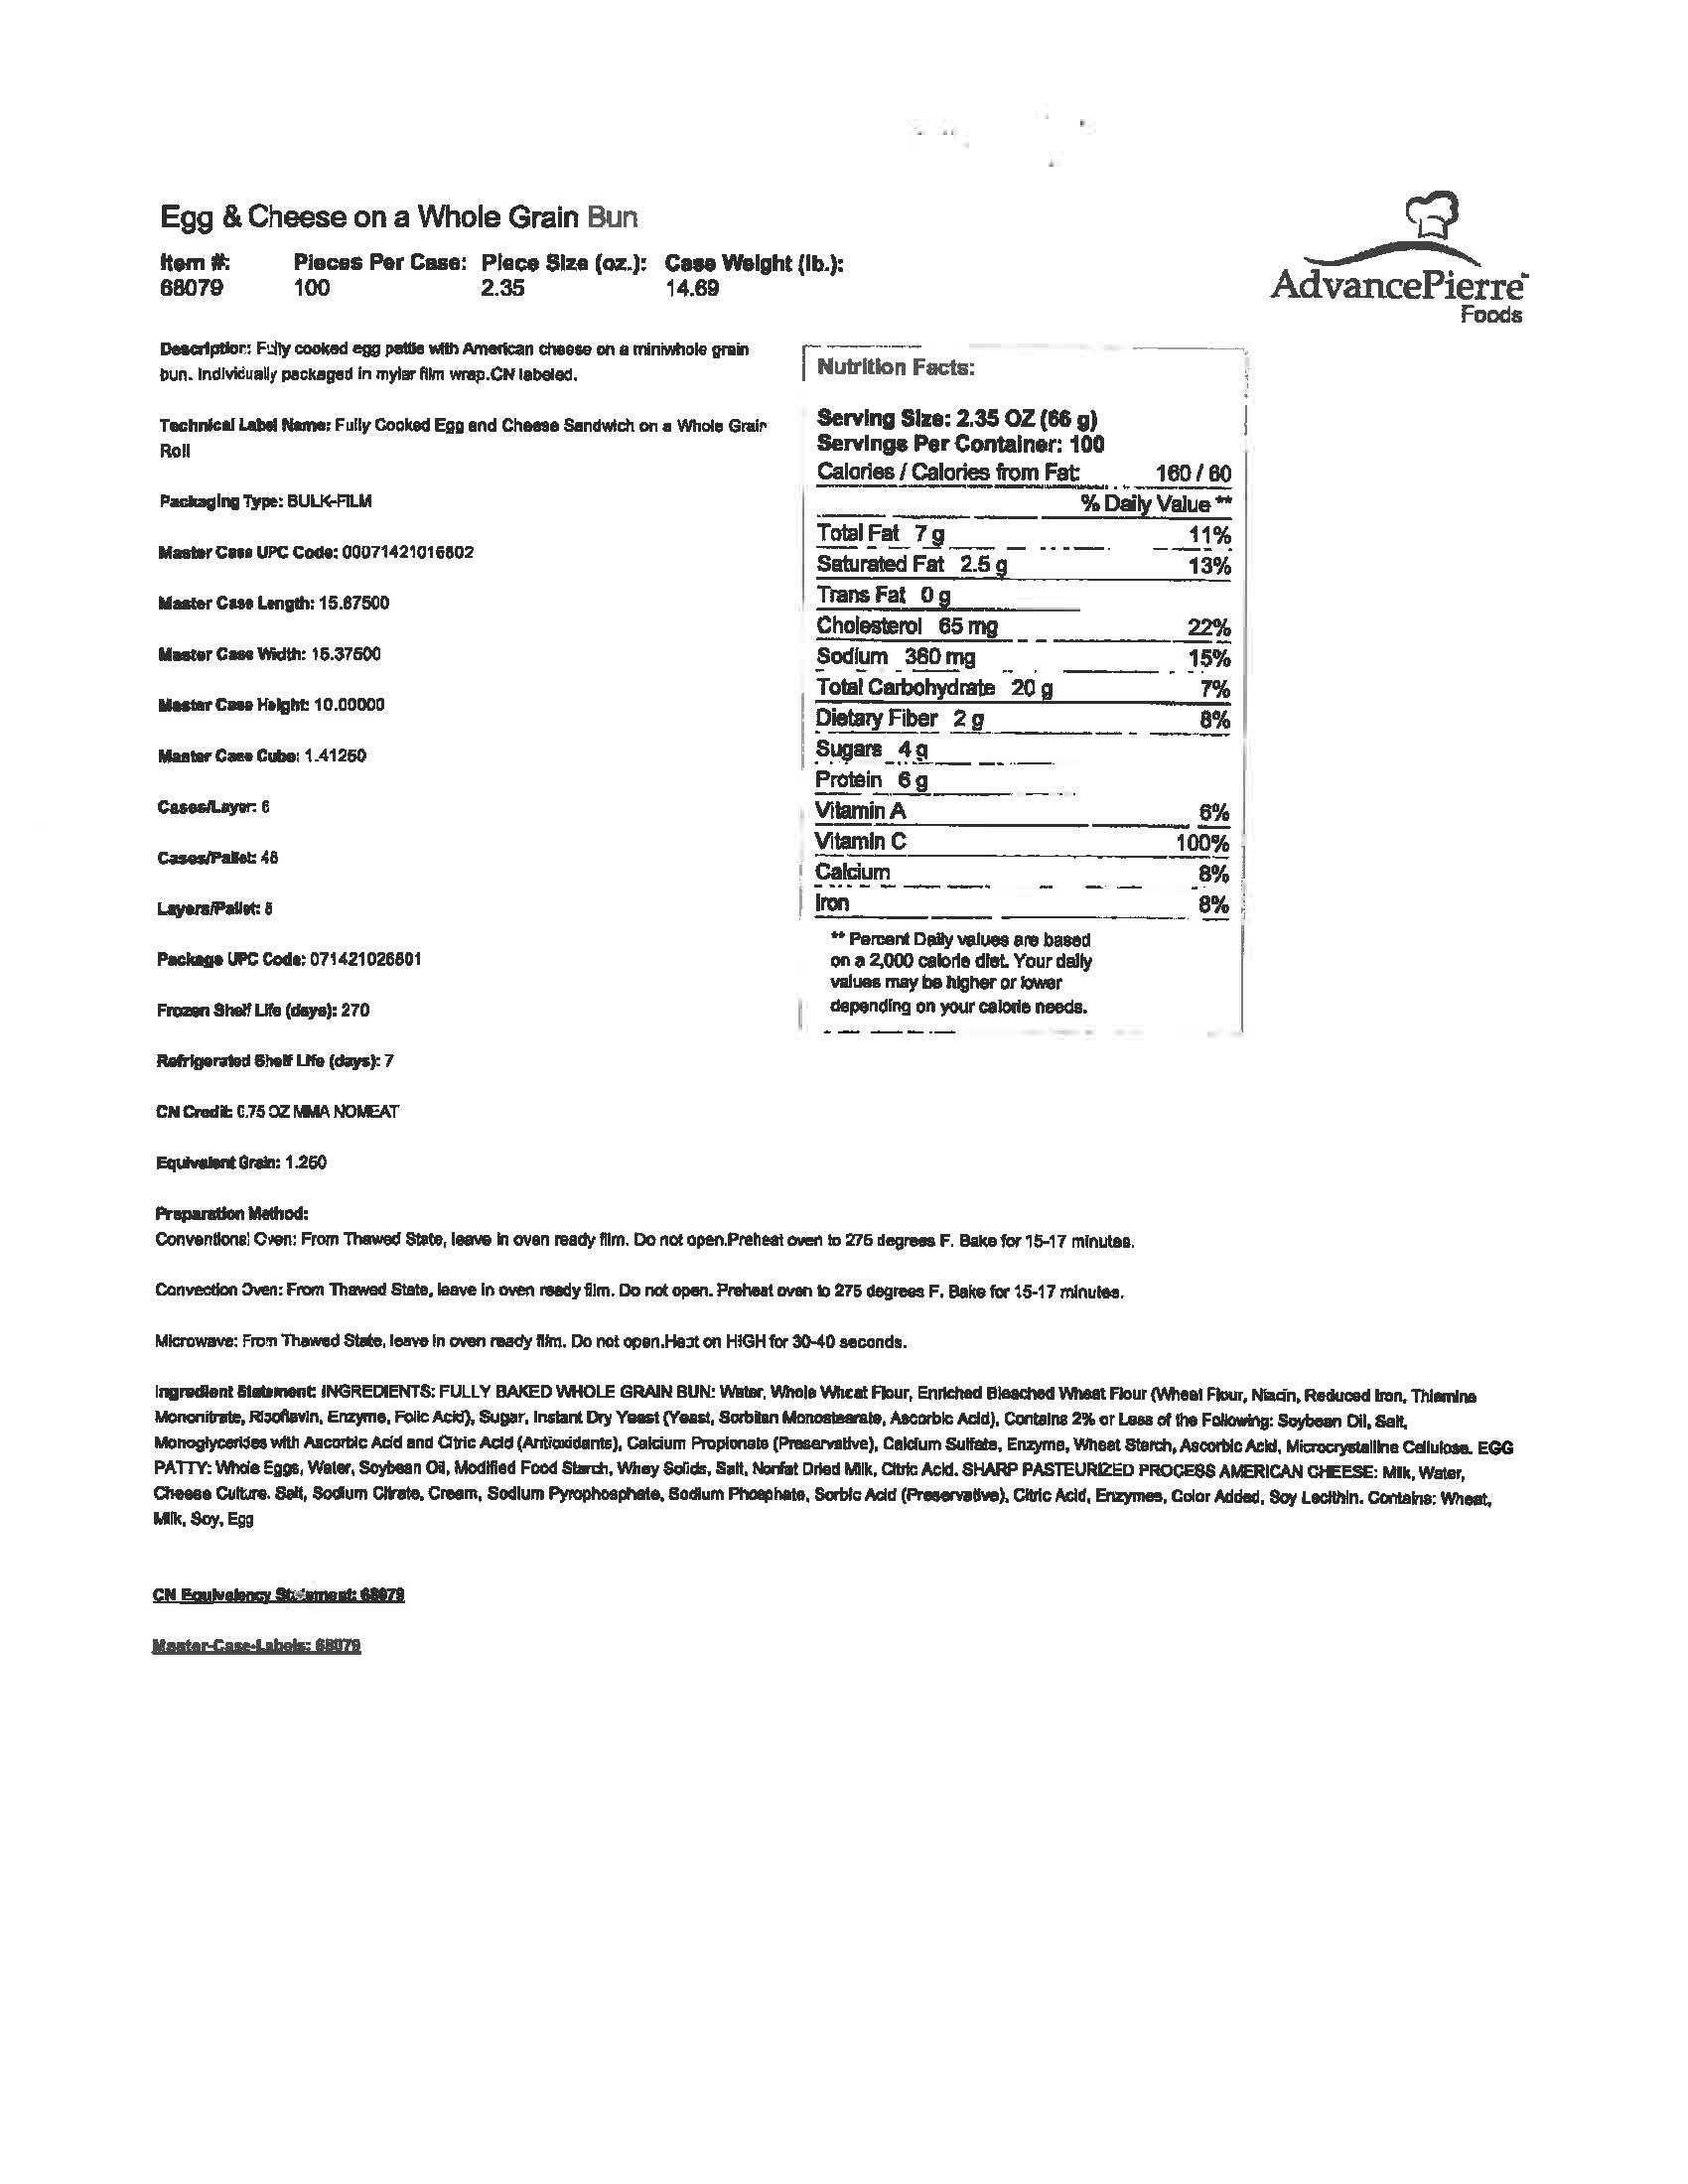 AdvancePierre - Sandwich Egg/Cheese Mini WG CN IW 05230